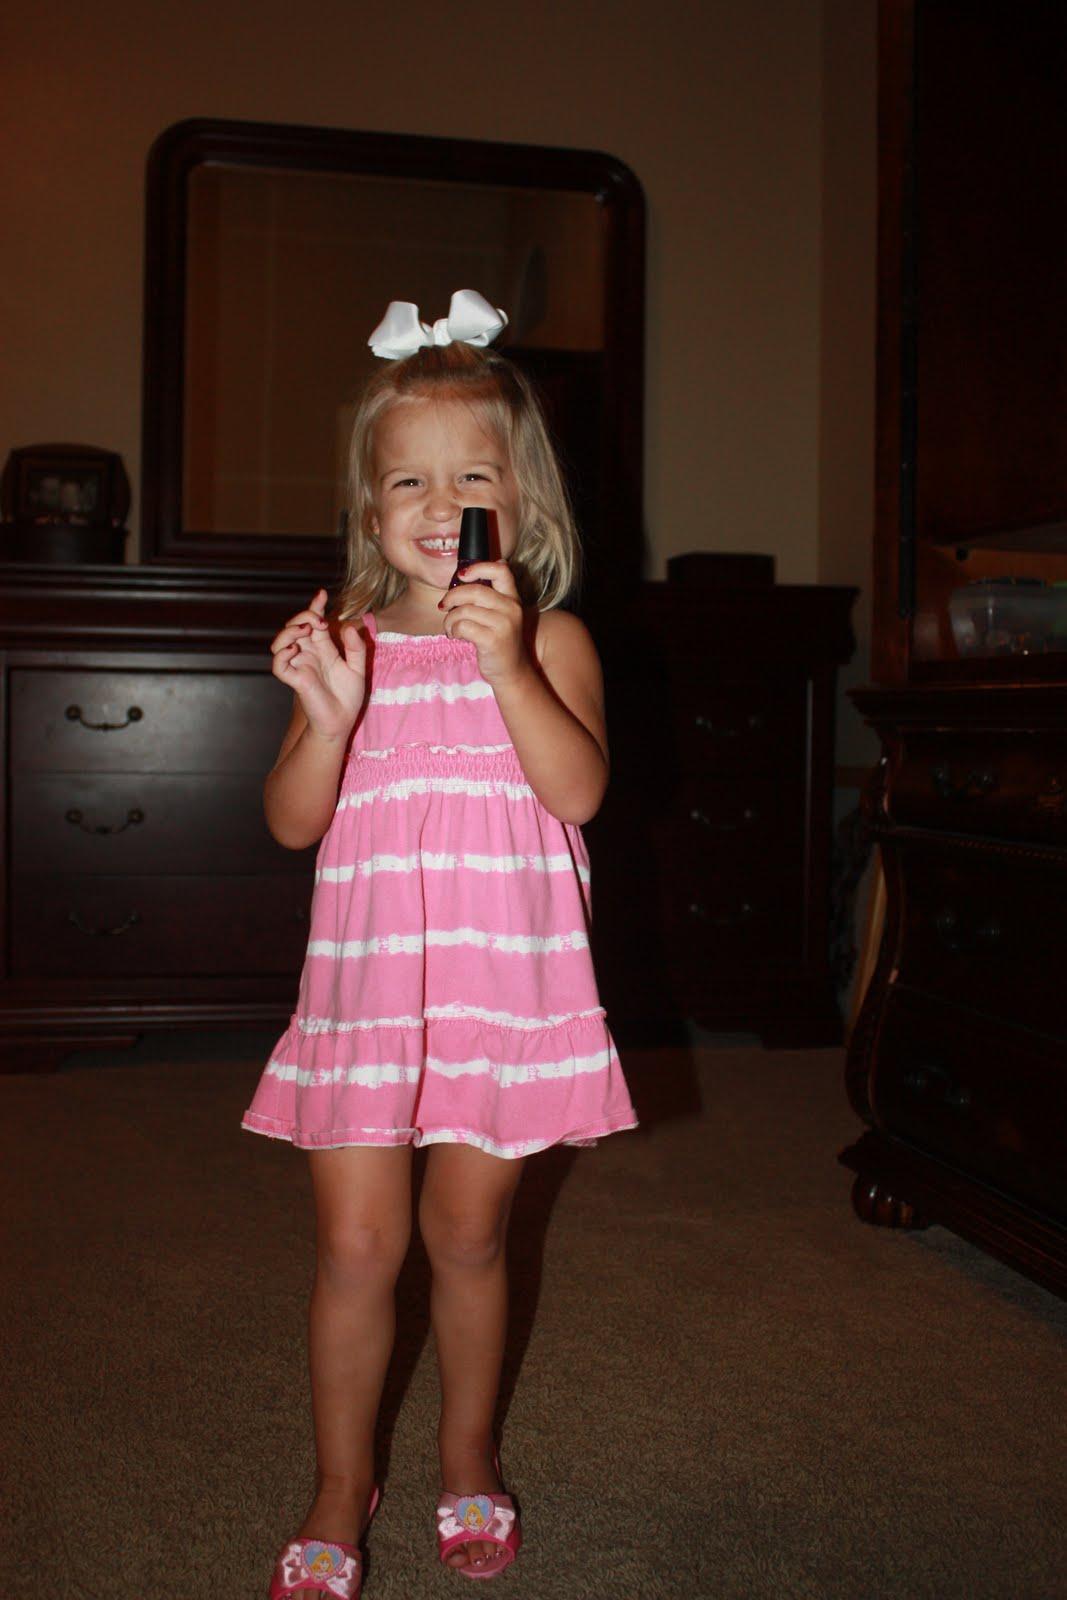 3 Year Old Girl Wearing Panties